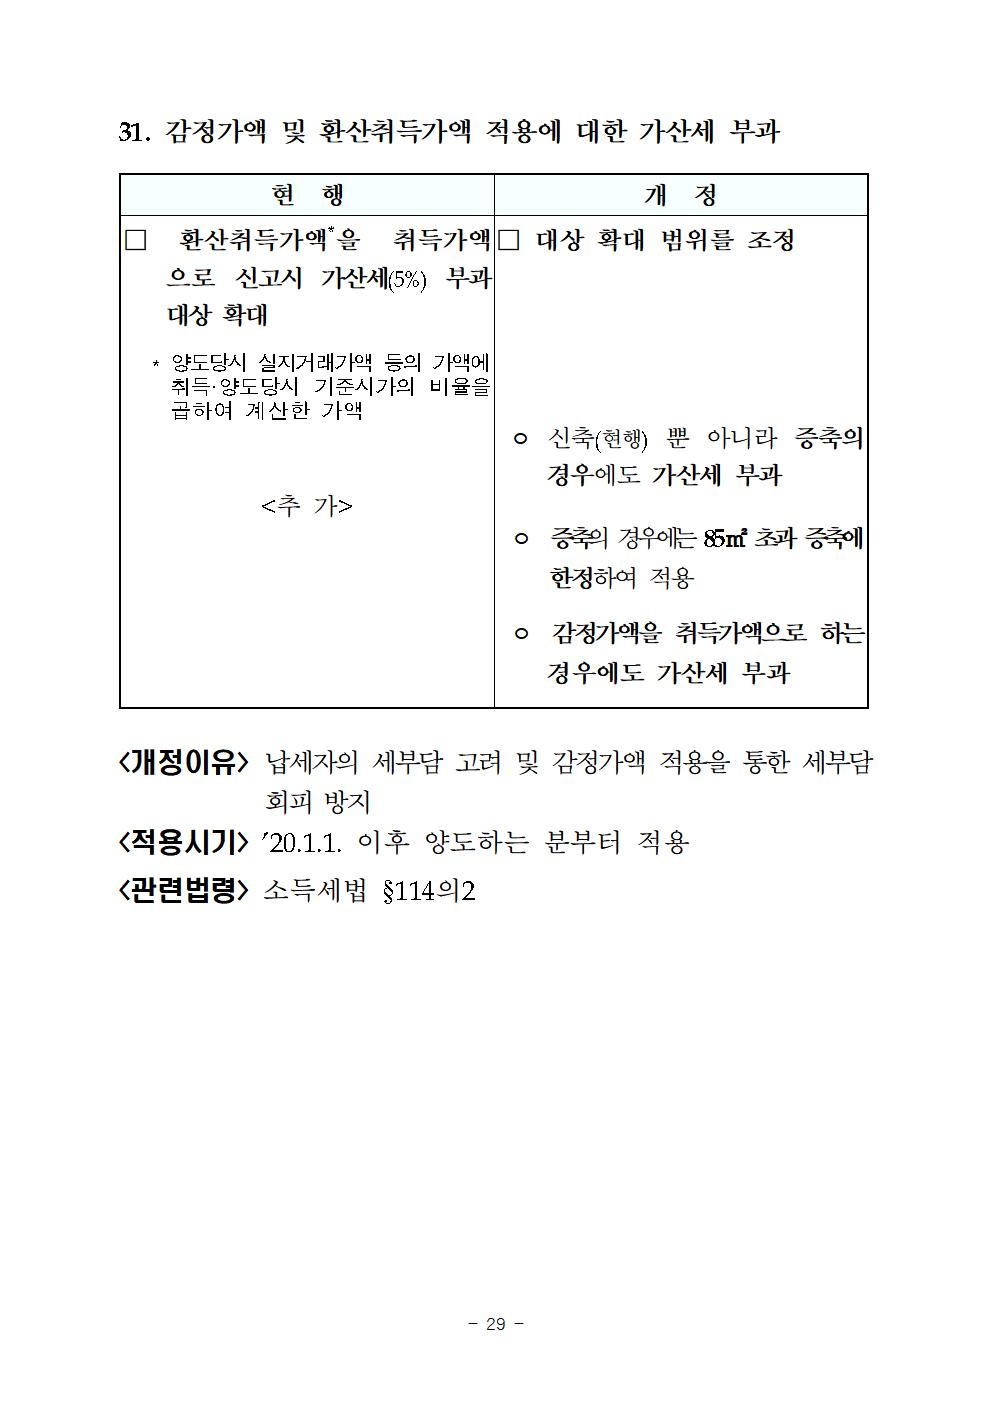 2019년세법개정내용(양도소득세분야)034.png